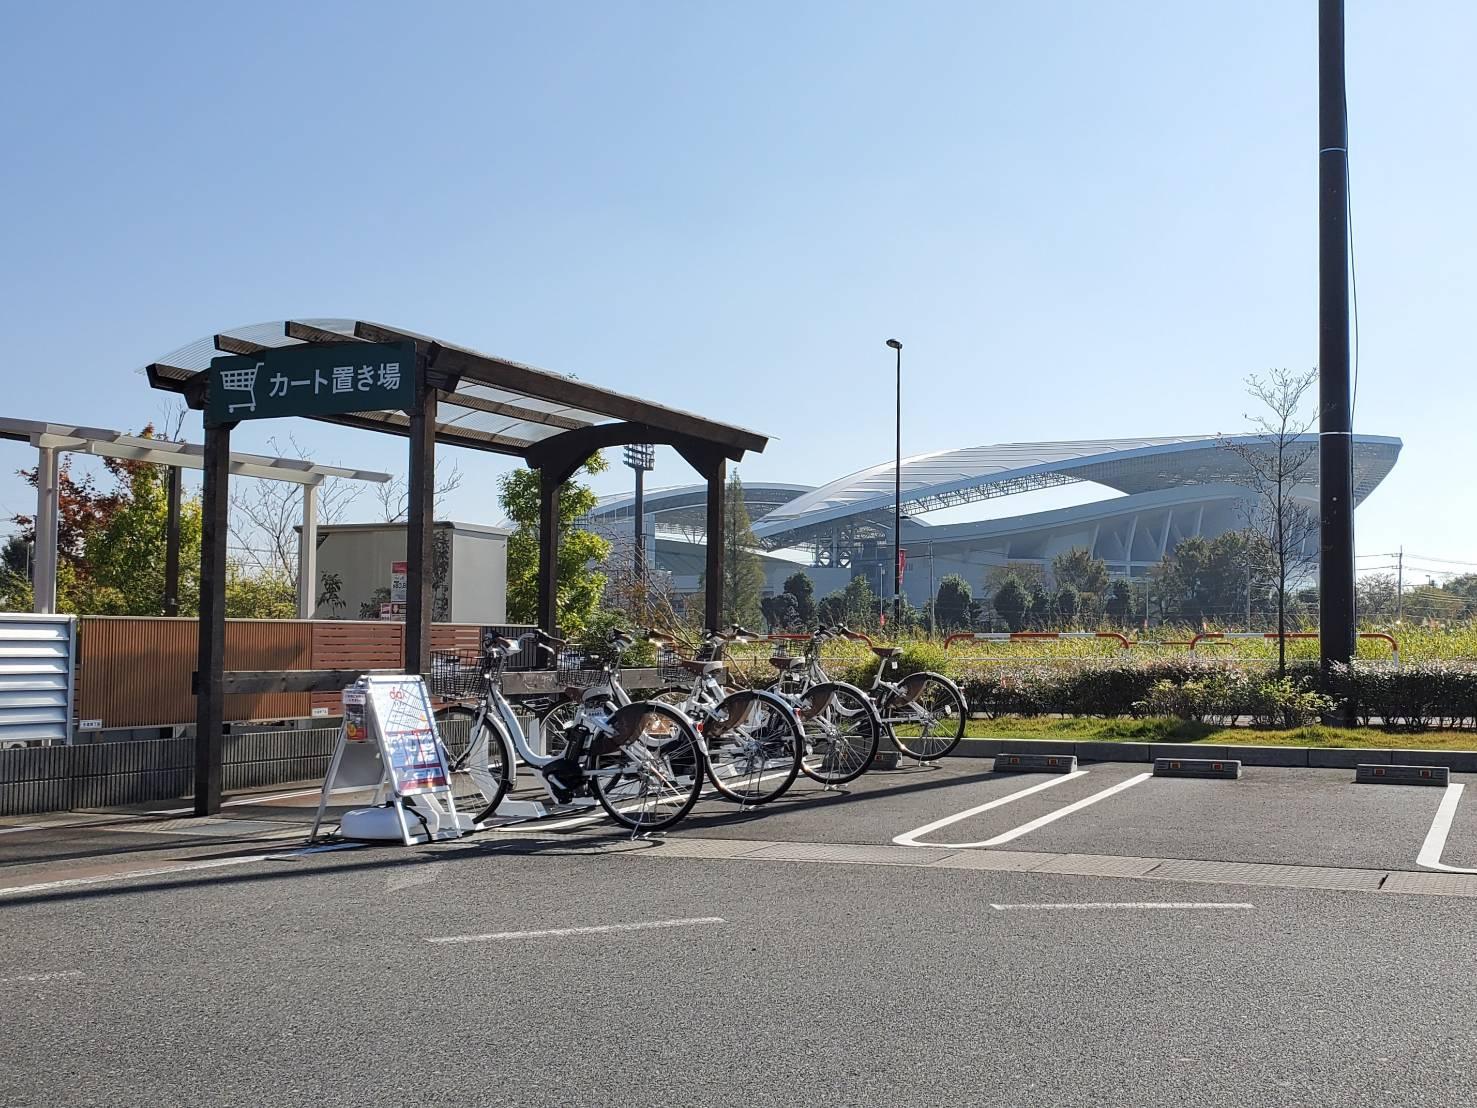 カインズ 浦和美園店 (HELLO CYCLING ポート) image